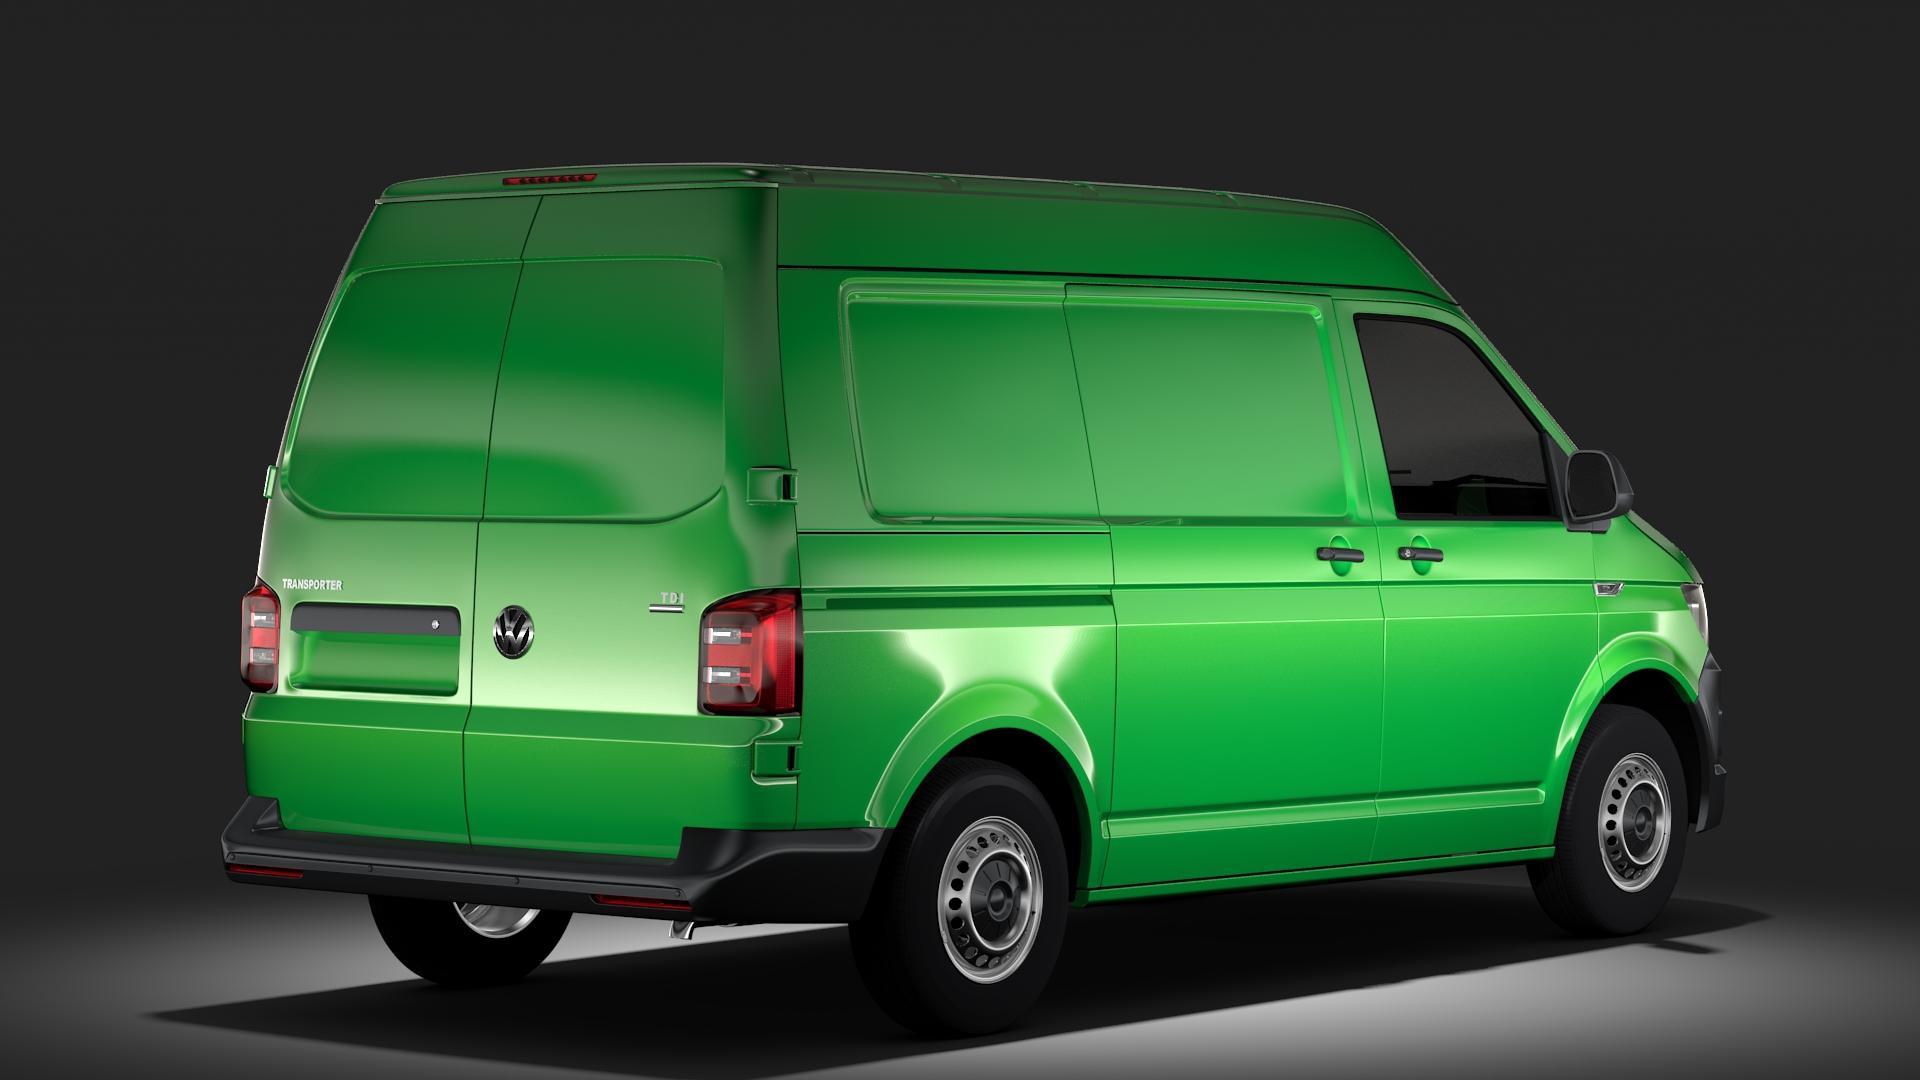 volkswagen transporter van l1h2 t6 2017 3d model max fbx c4d lwo ma mb hrc xsi obj 275152